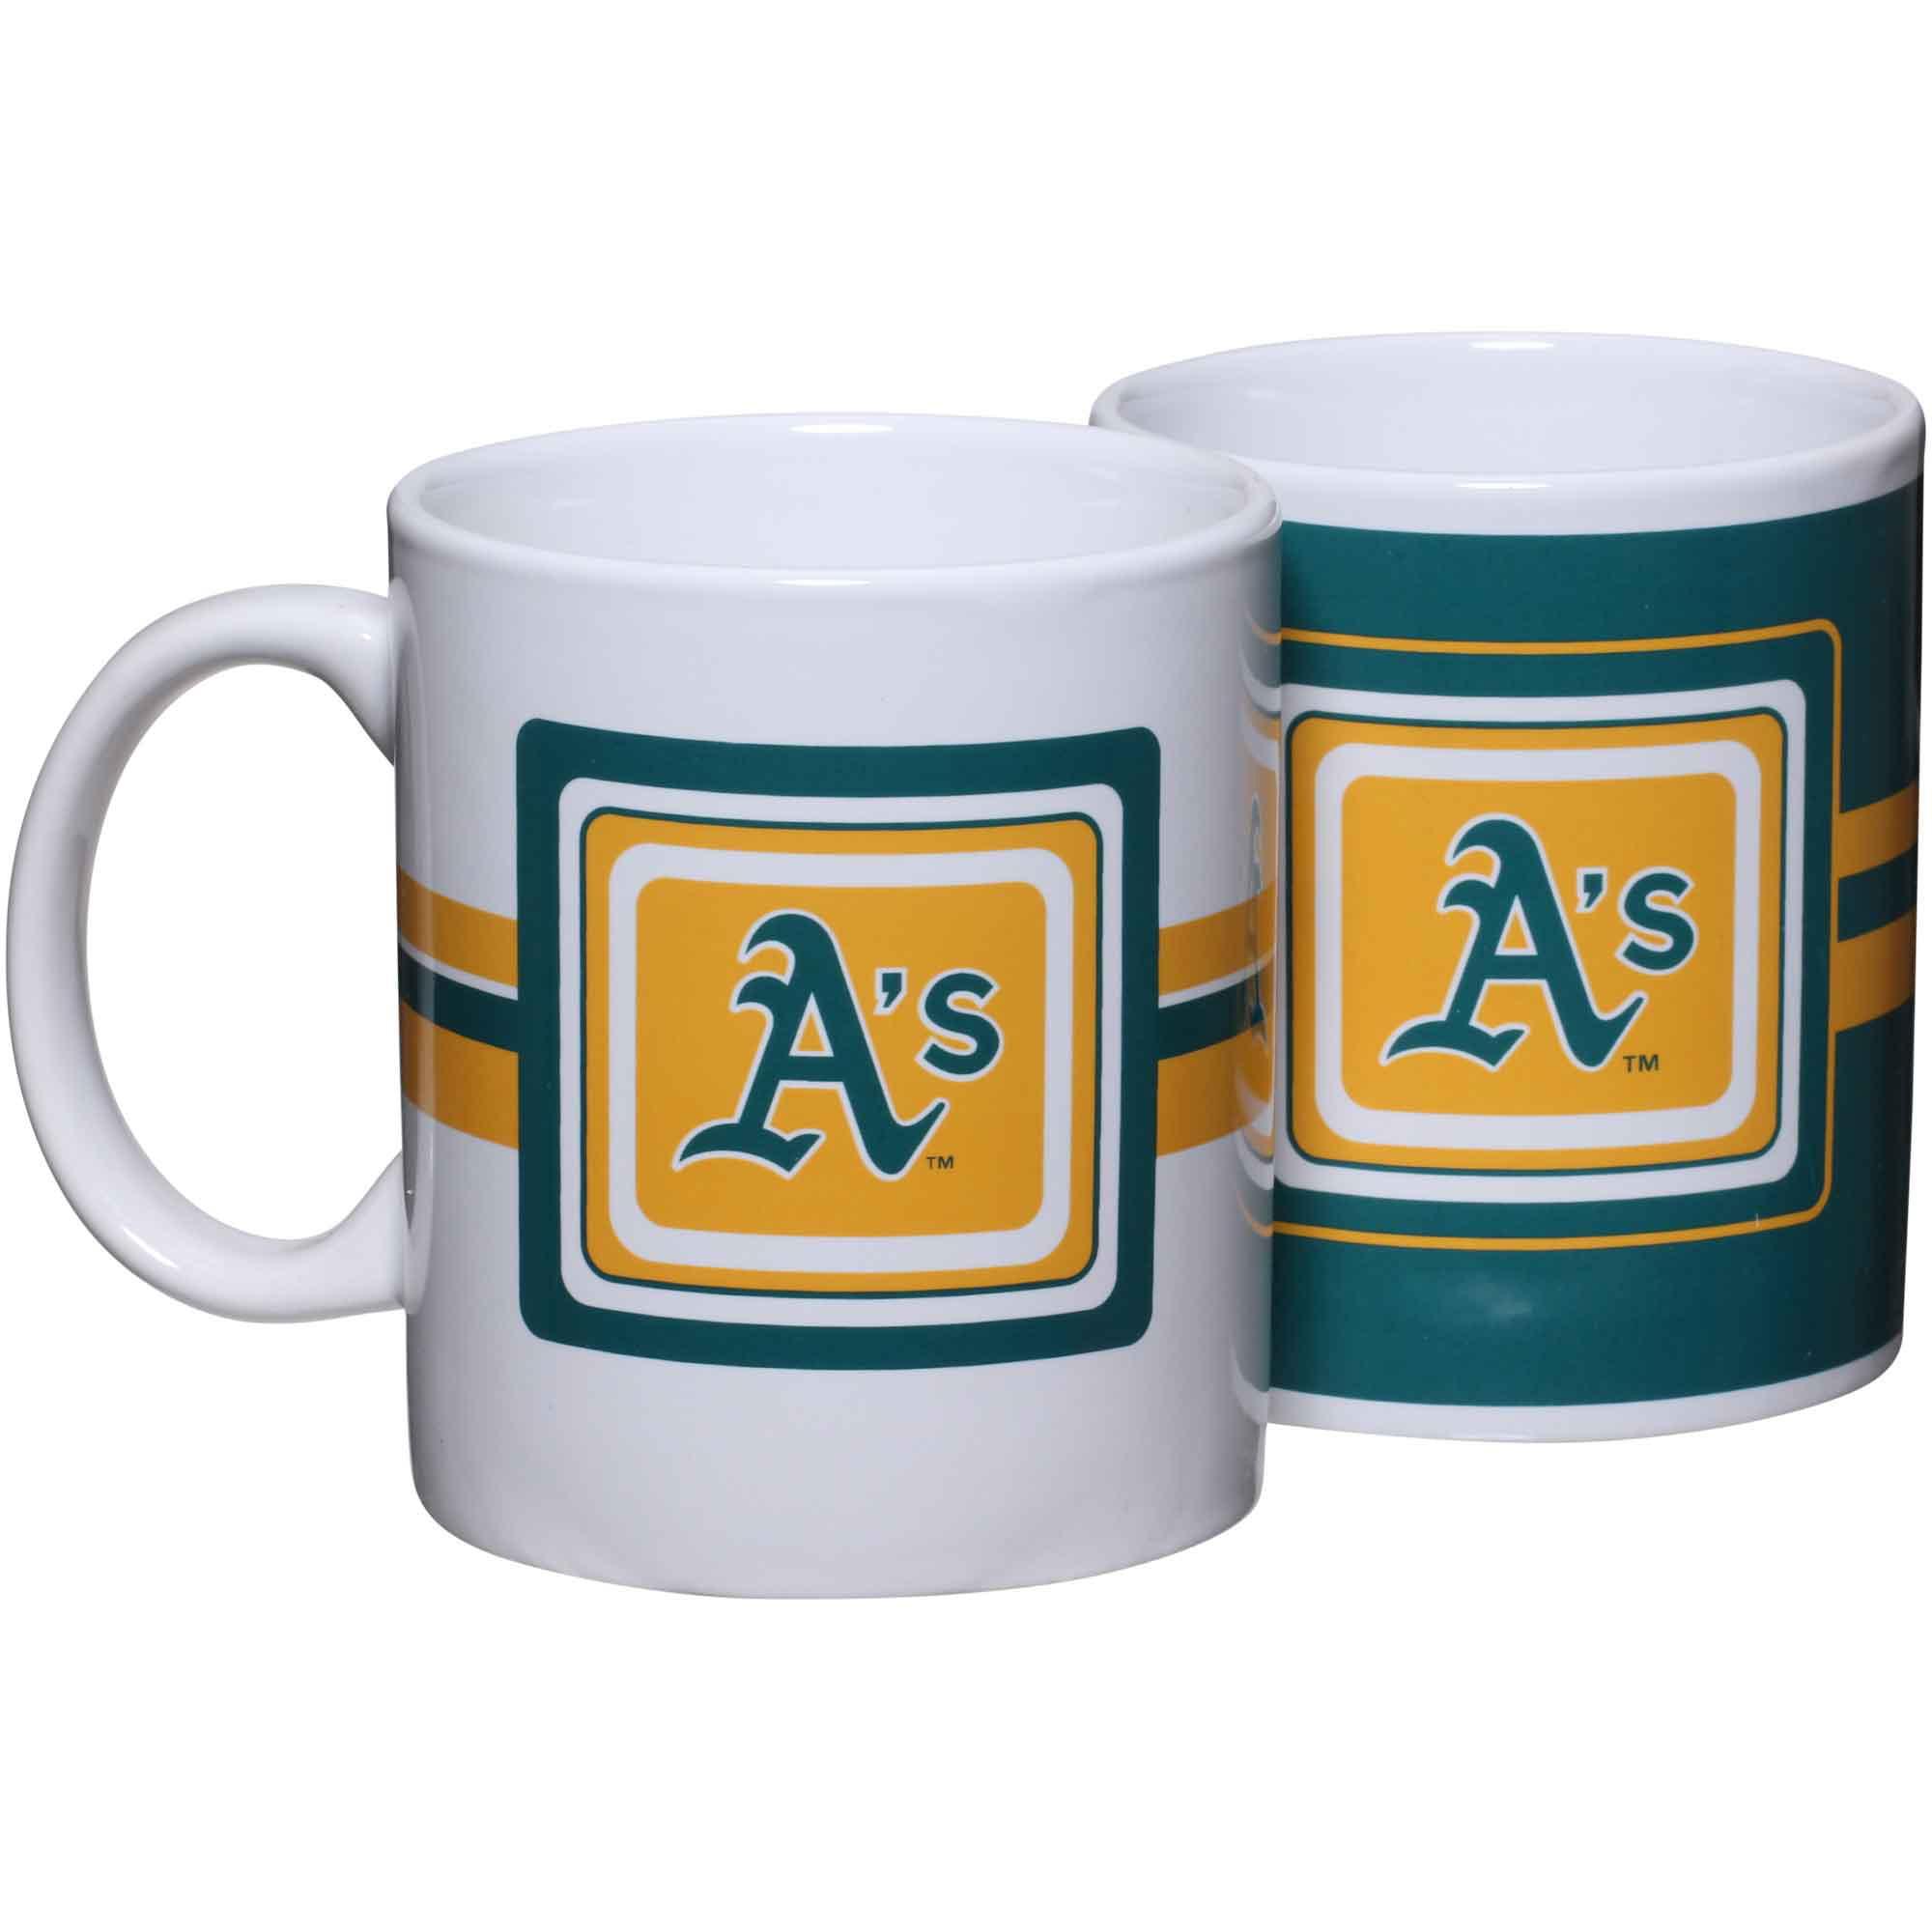 Oakland Athletics 11oz. Two-Pack Mug Set - No Size